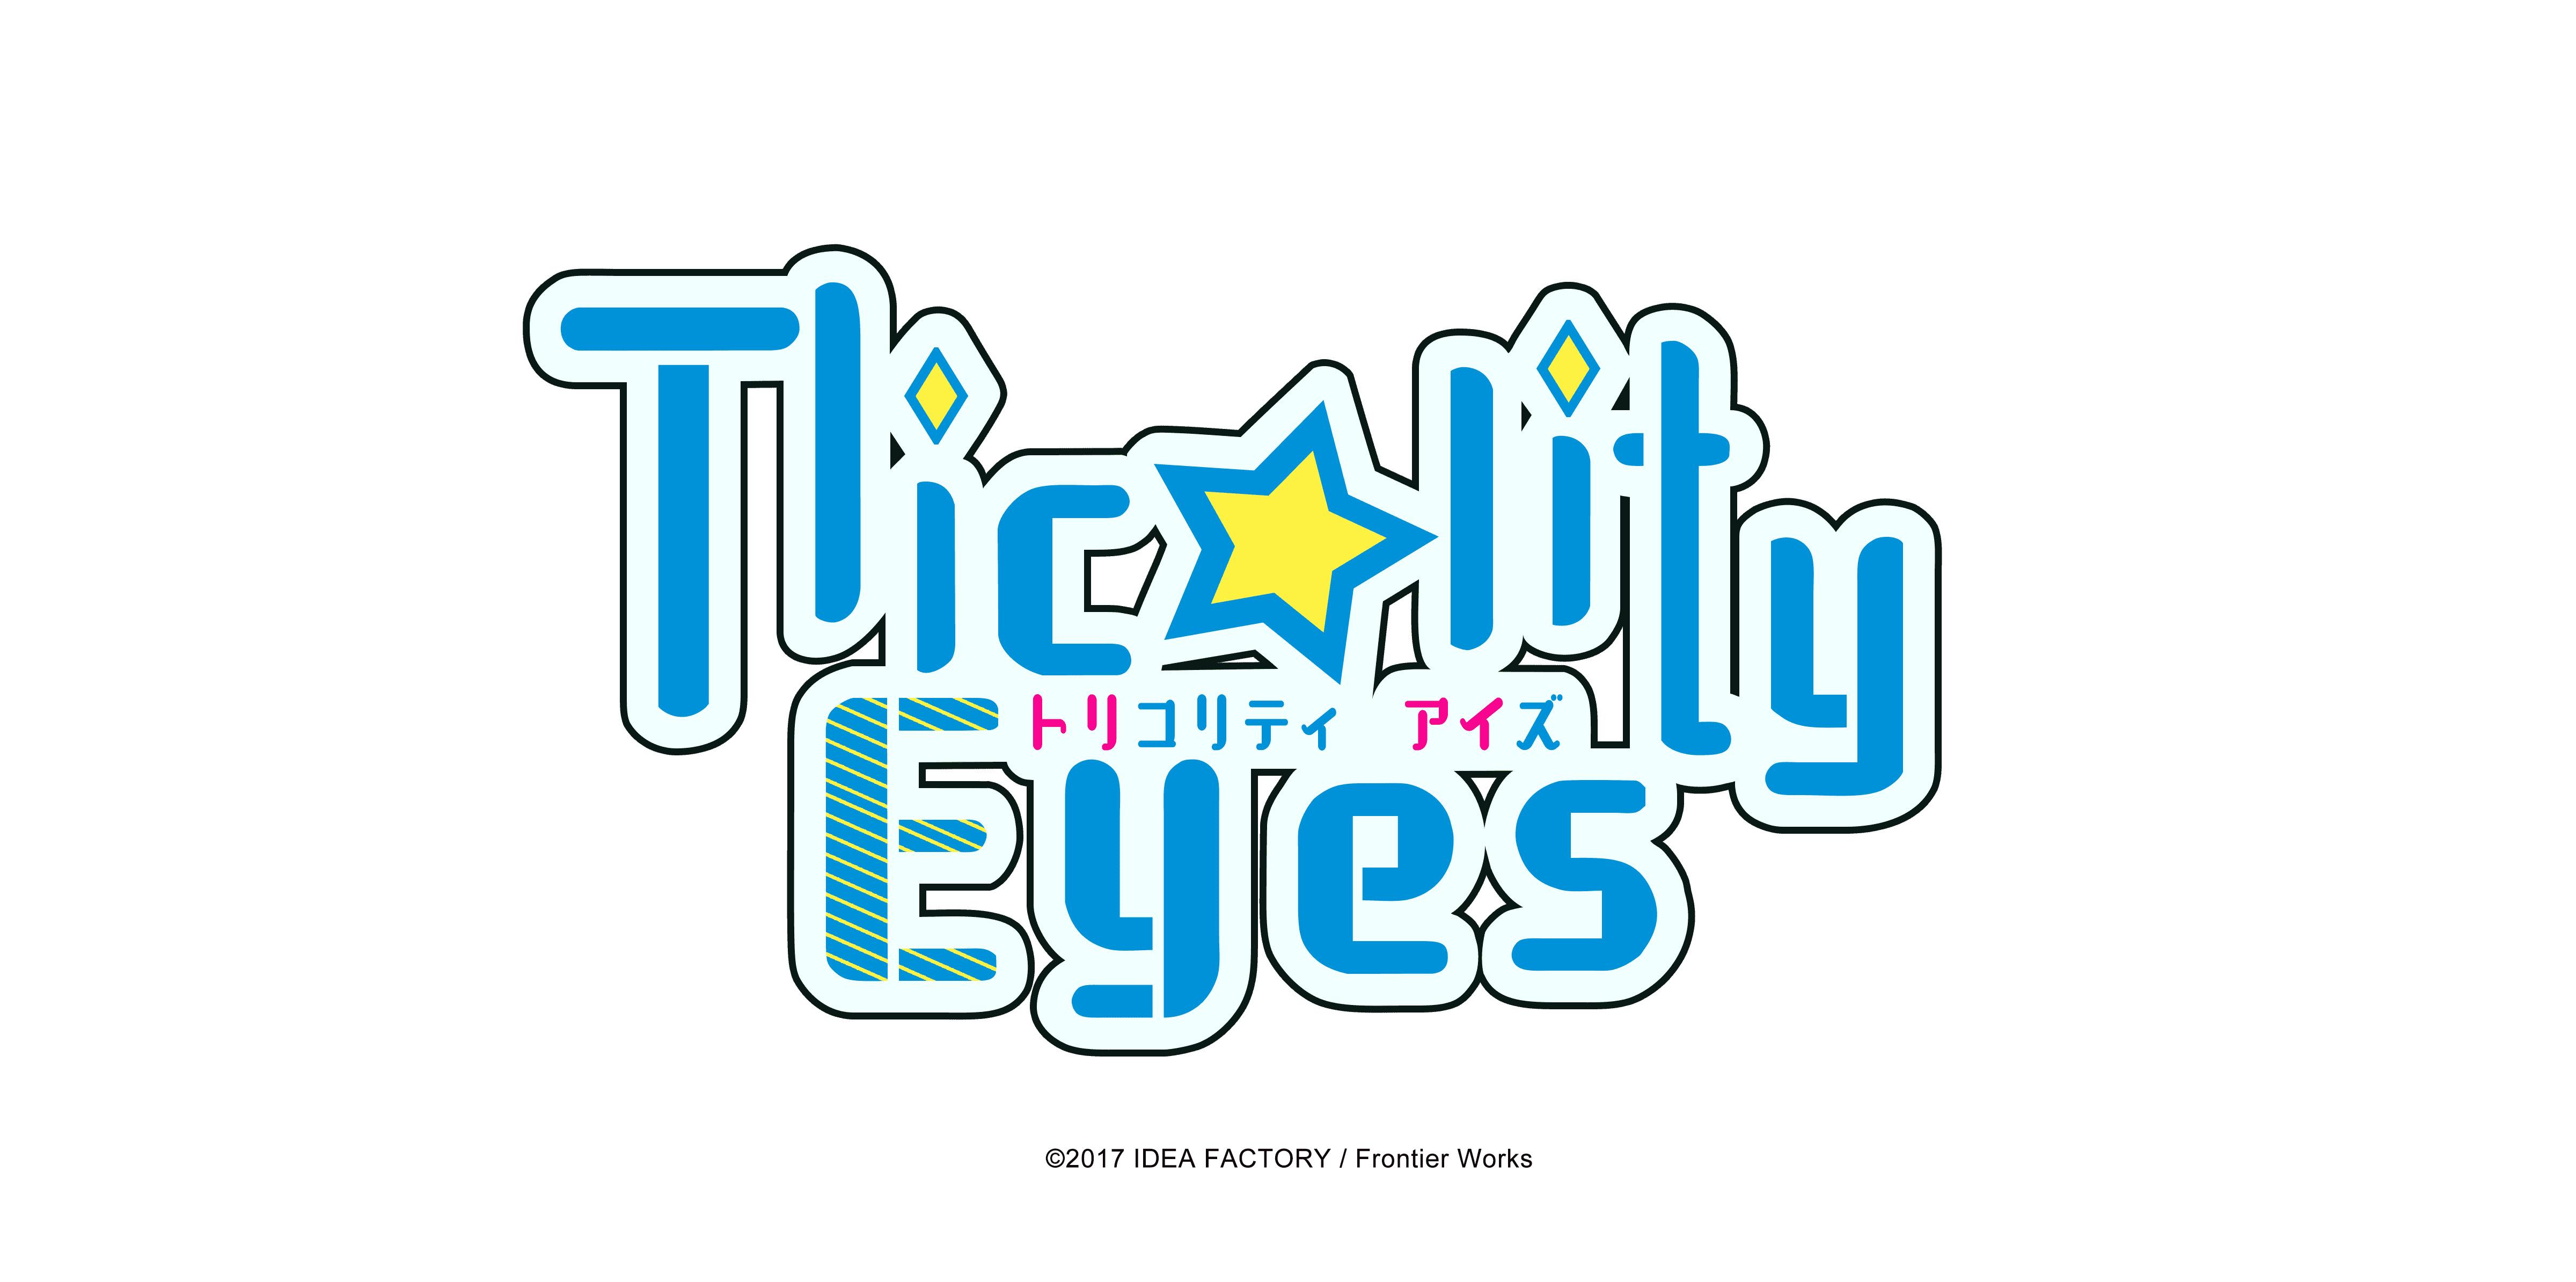 「三角関係」をテーマにしたゲームプロジェクト「triAngle PROJECT」が始動! 第1弾作品は「芸能界×ラブコメ」!の画像-5